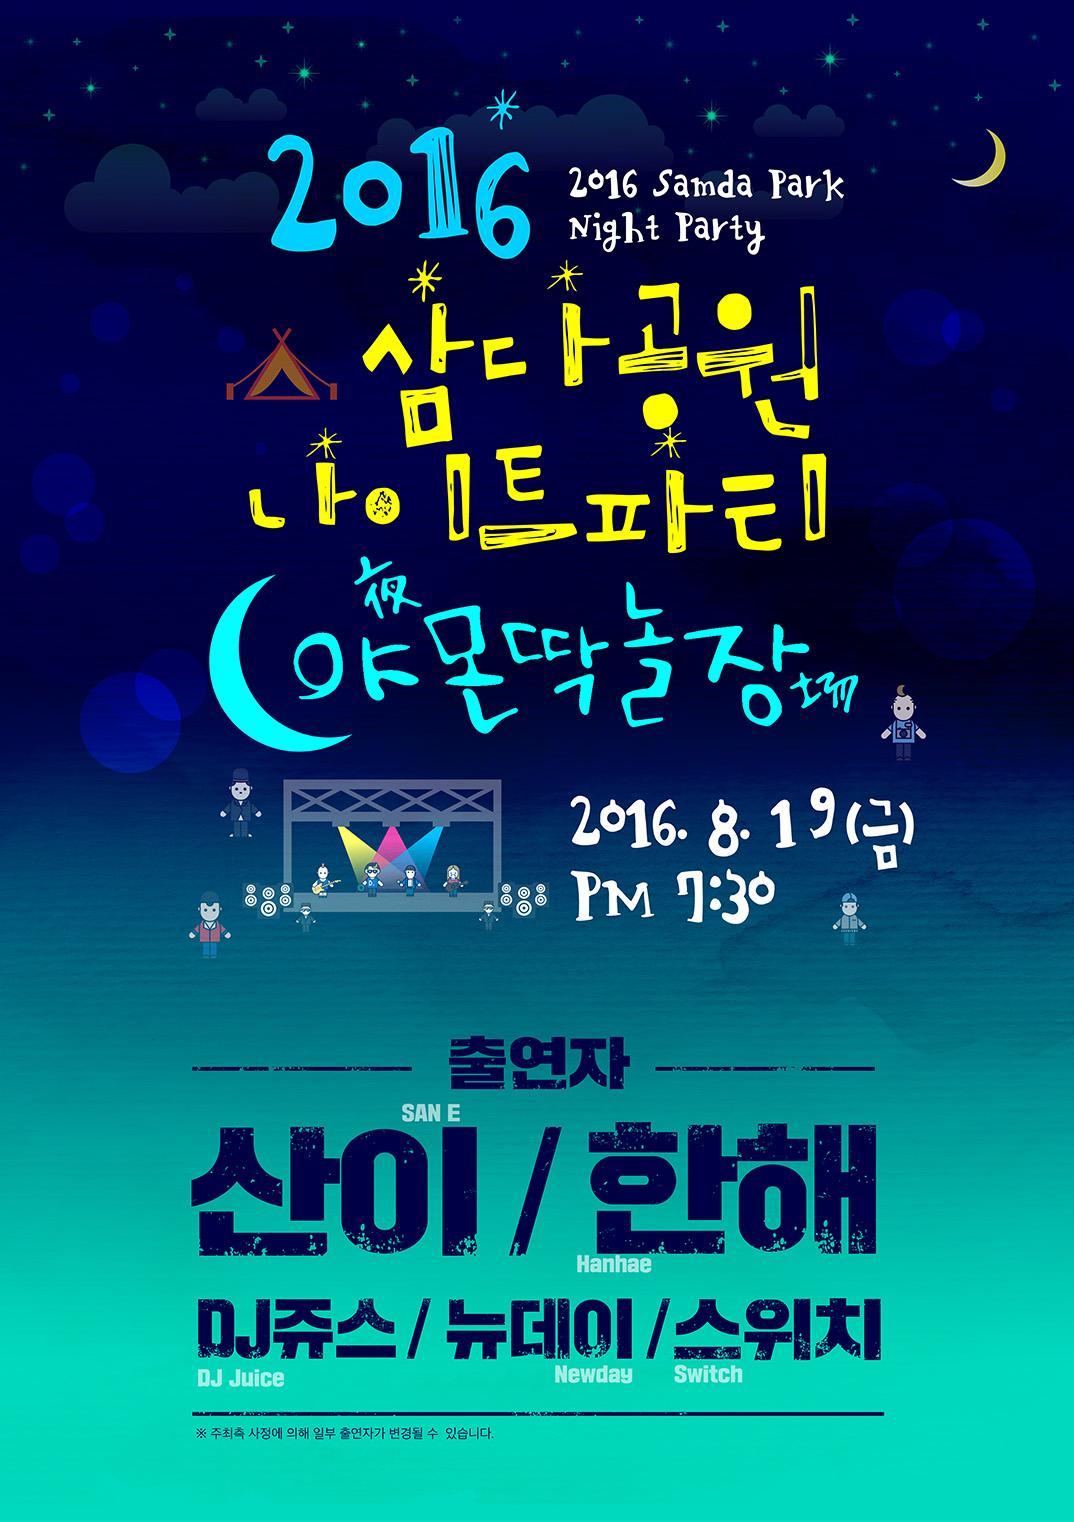 2016 삼다공원 나이트 파티 야몬딱놀장, 2016.8.19(금) 19시 30분